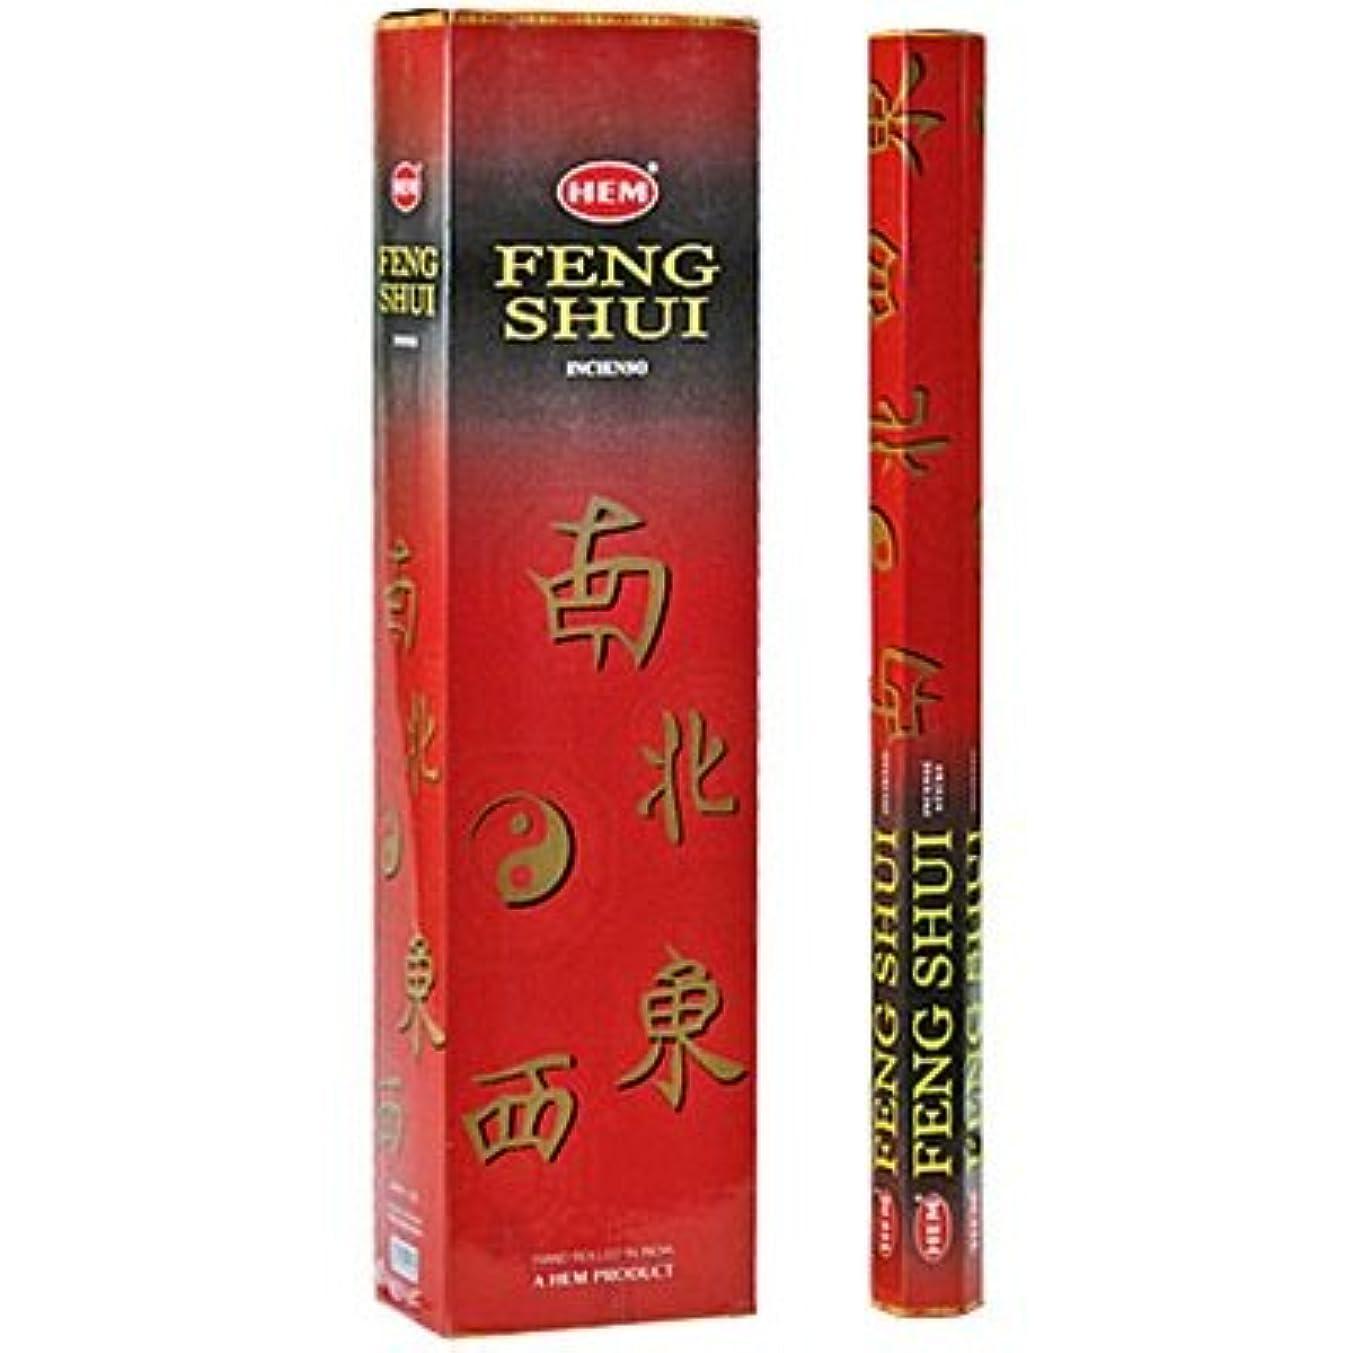 病セラフ言及するFeng Shui – 裾ジャンボ16インチIncense Sticks 10スティック六角ボックス(セットof 6 )